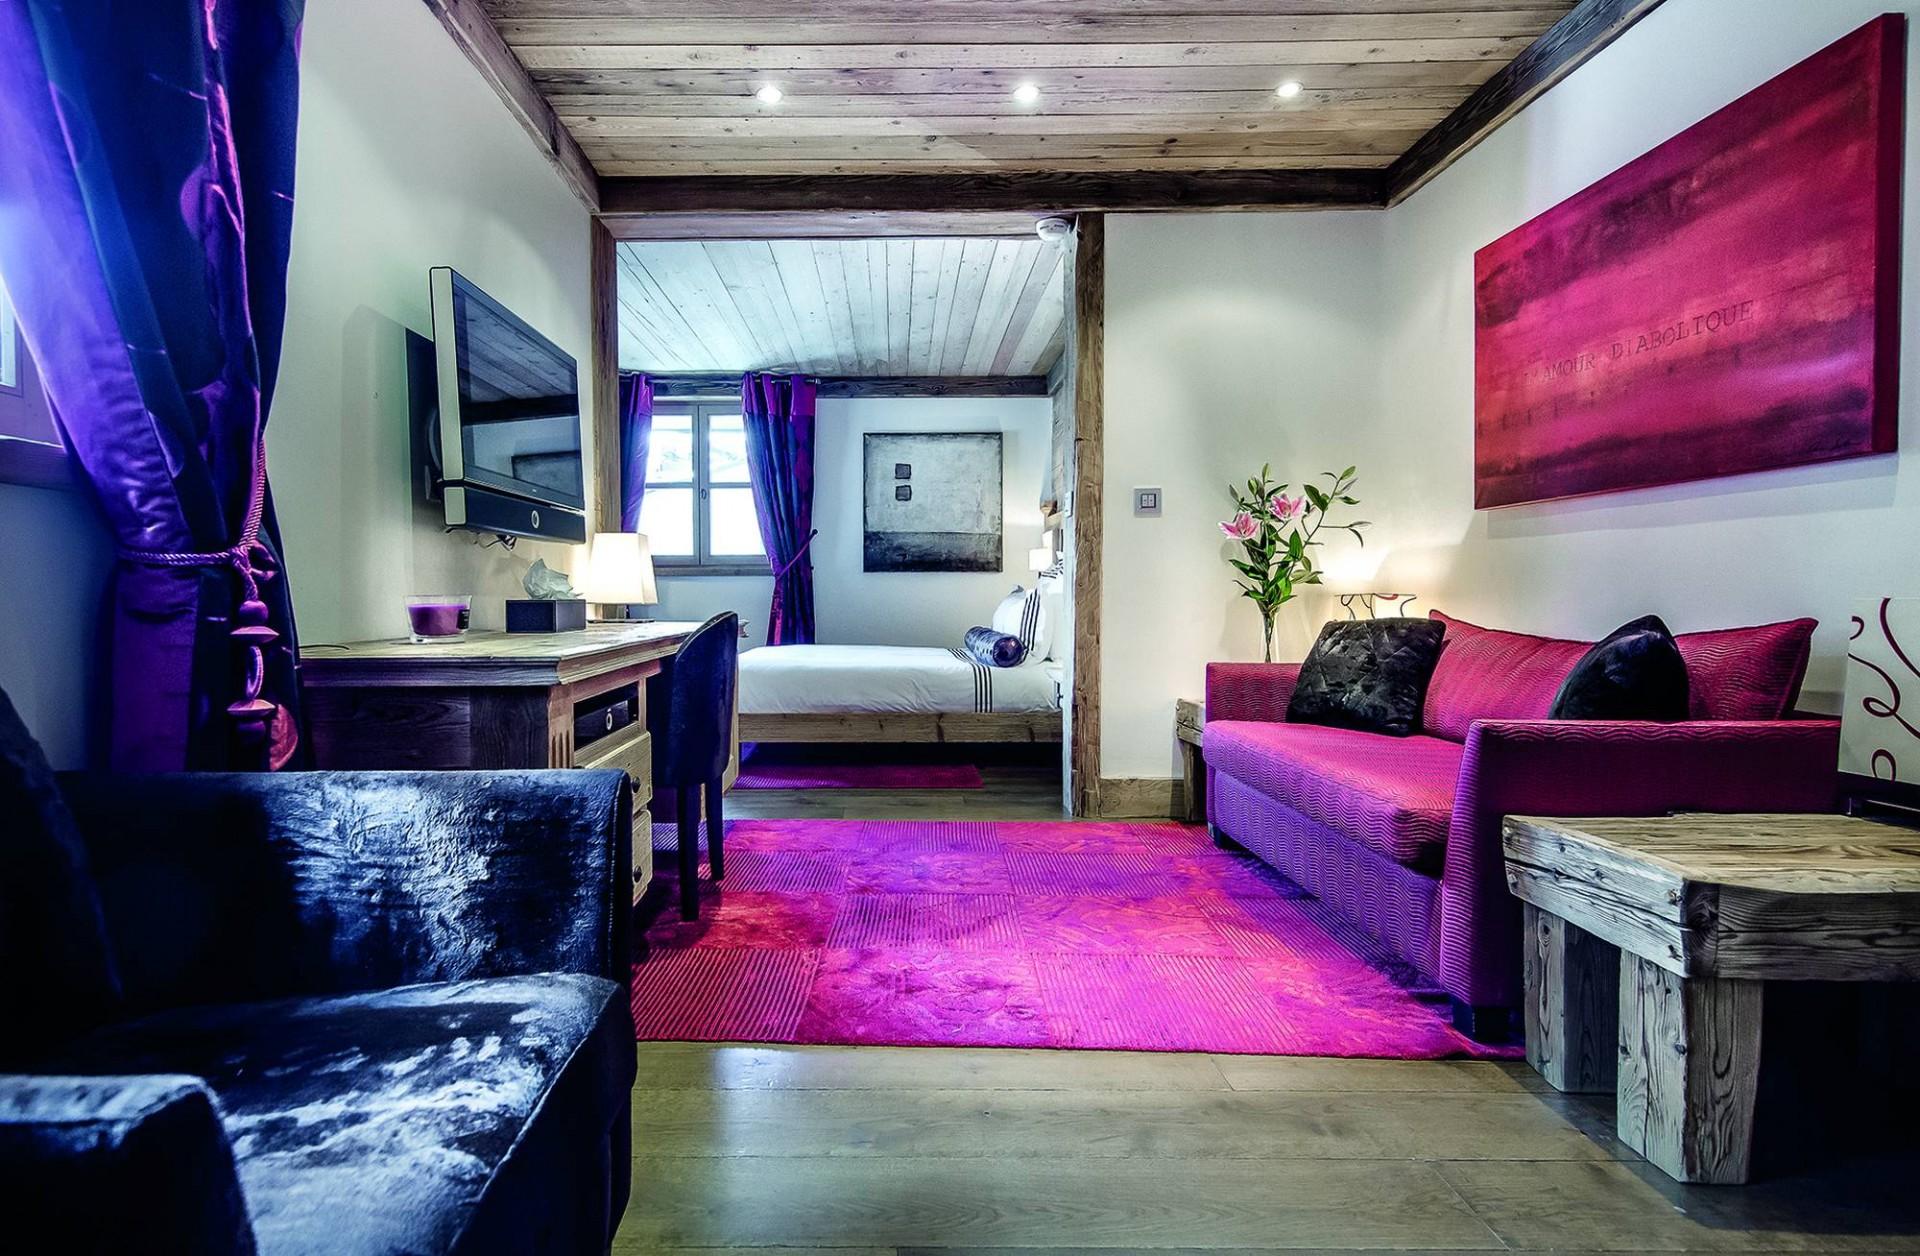 Courchevel 1850 Luxury Rental Chalet Bepalite Bedroom